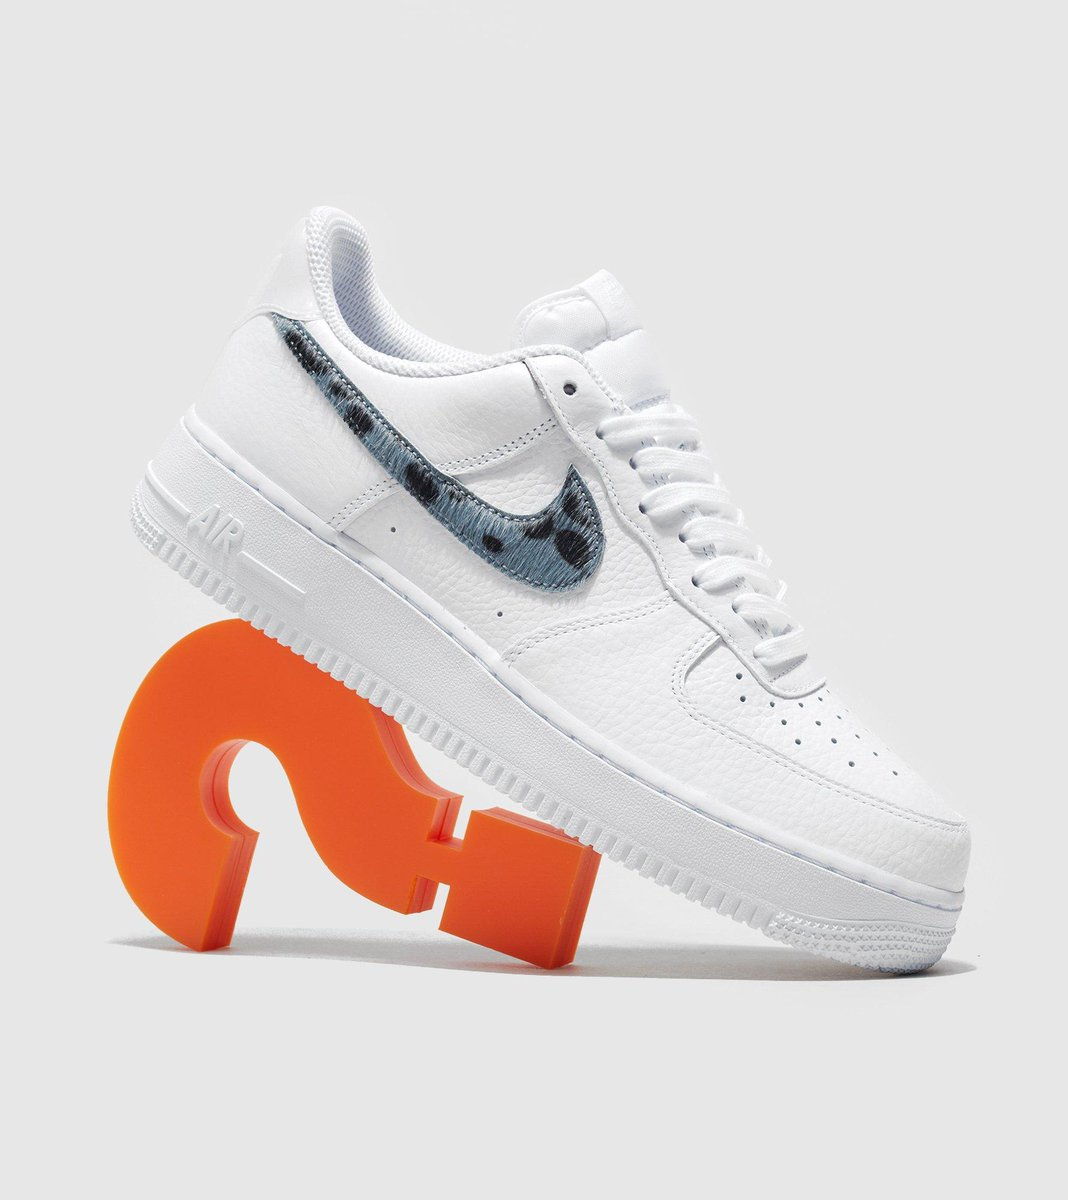 Nike Air Force Shoe Size Eu 42 Catawiki